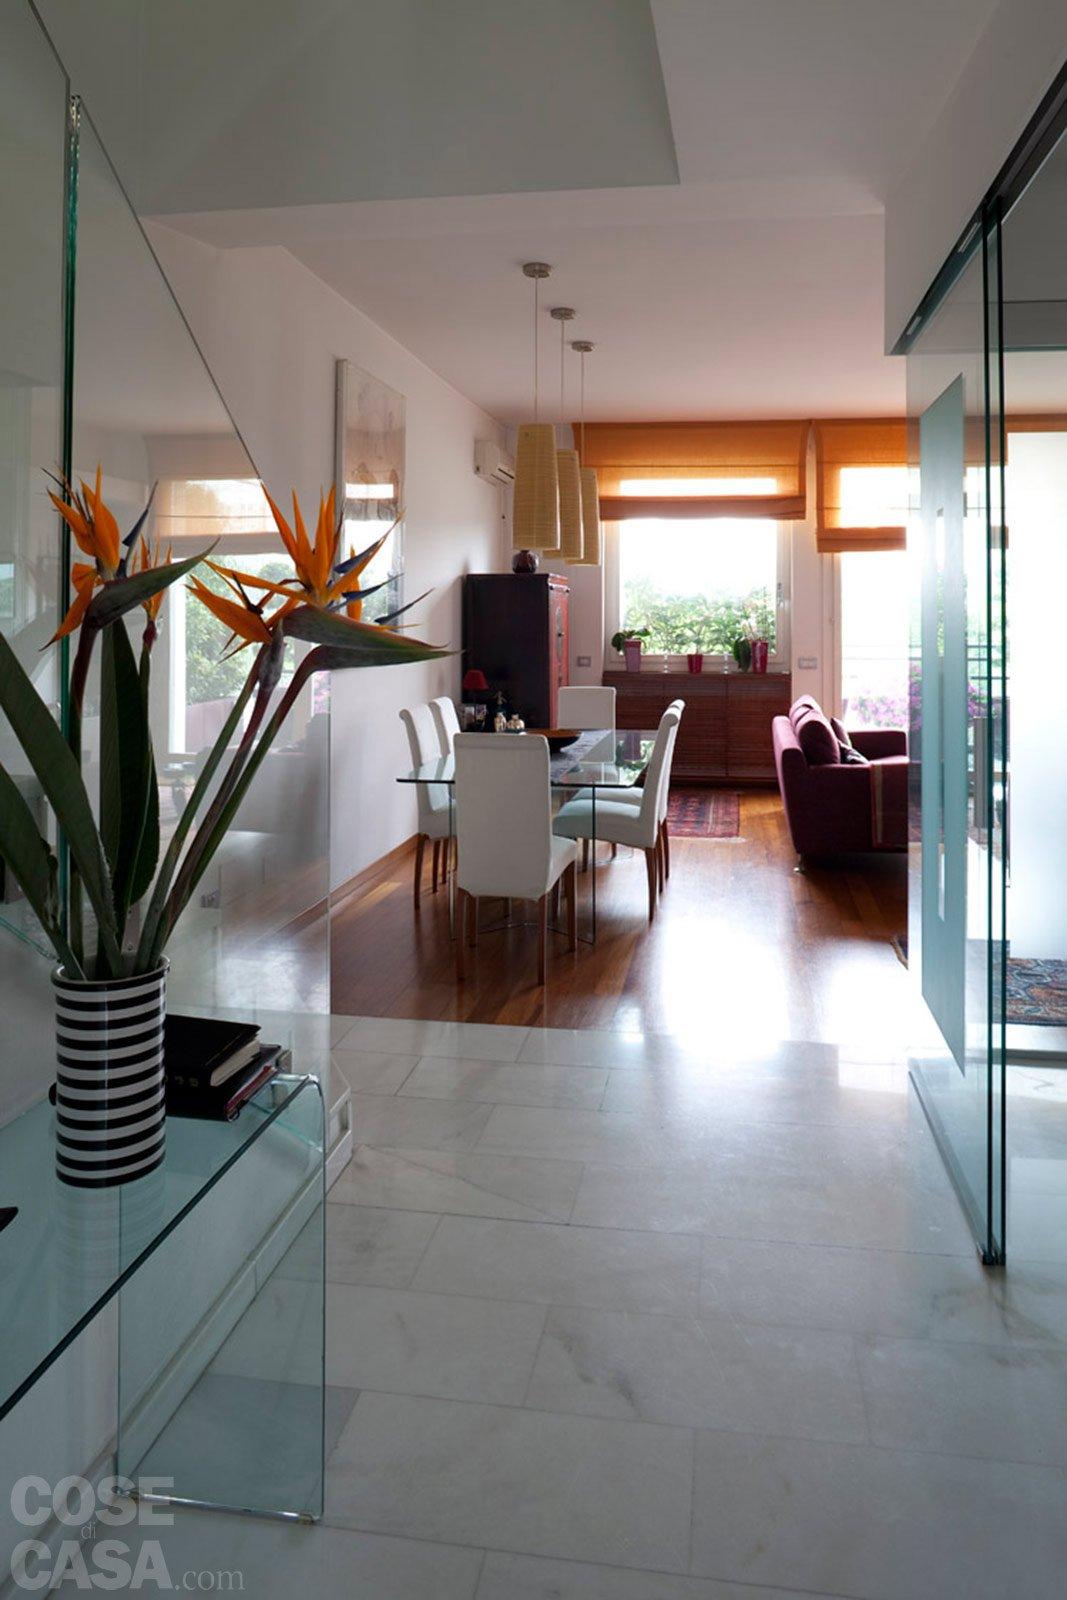 Una Casa Rinnovata Nel Look Con Luce Moltiplicata Cose Di Casa #74432C 1067 1600 Sala Da Pranzo Classica Accademia Del Mobile